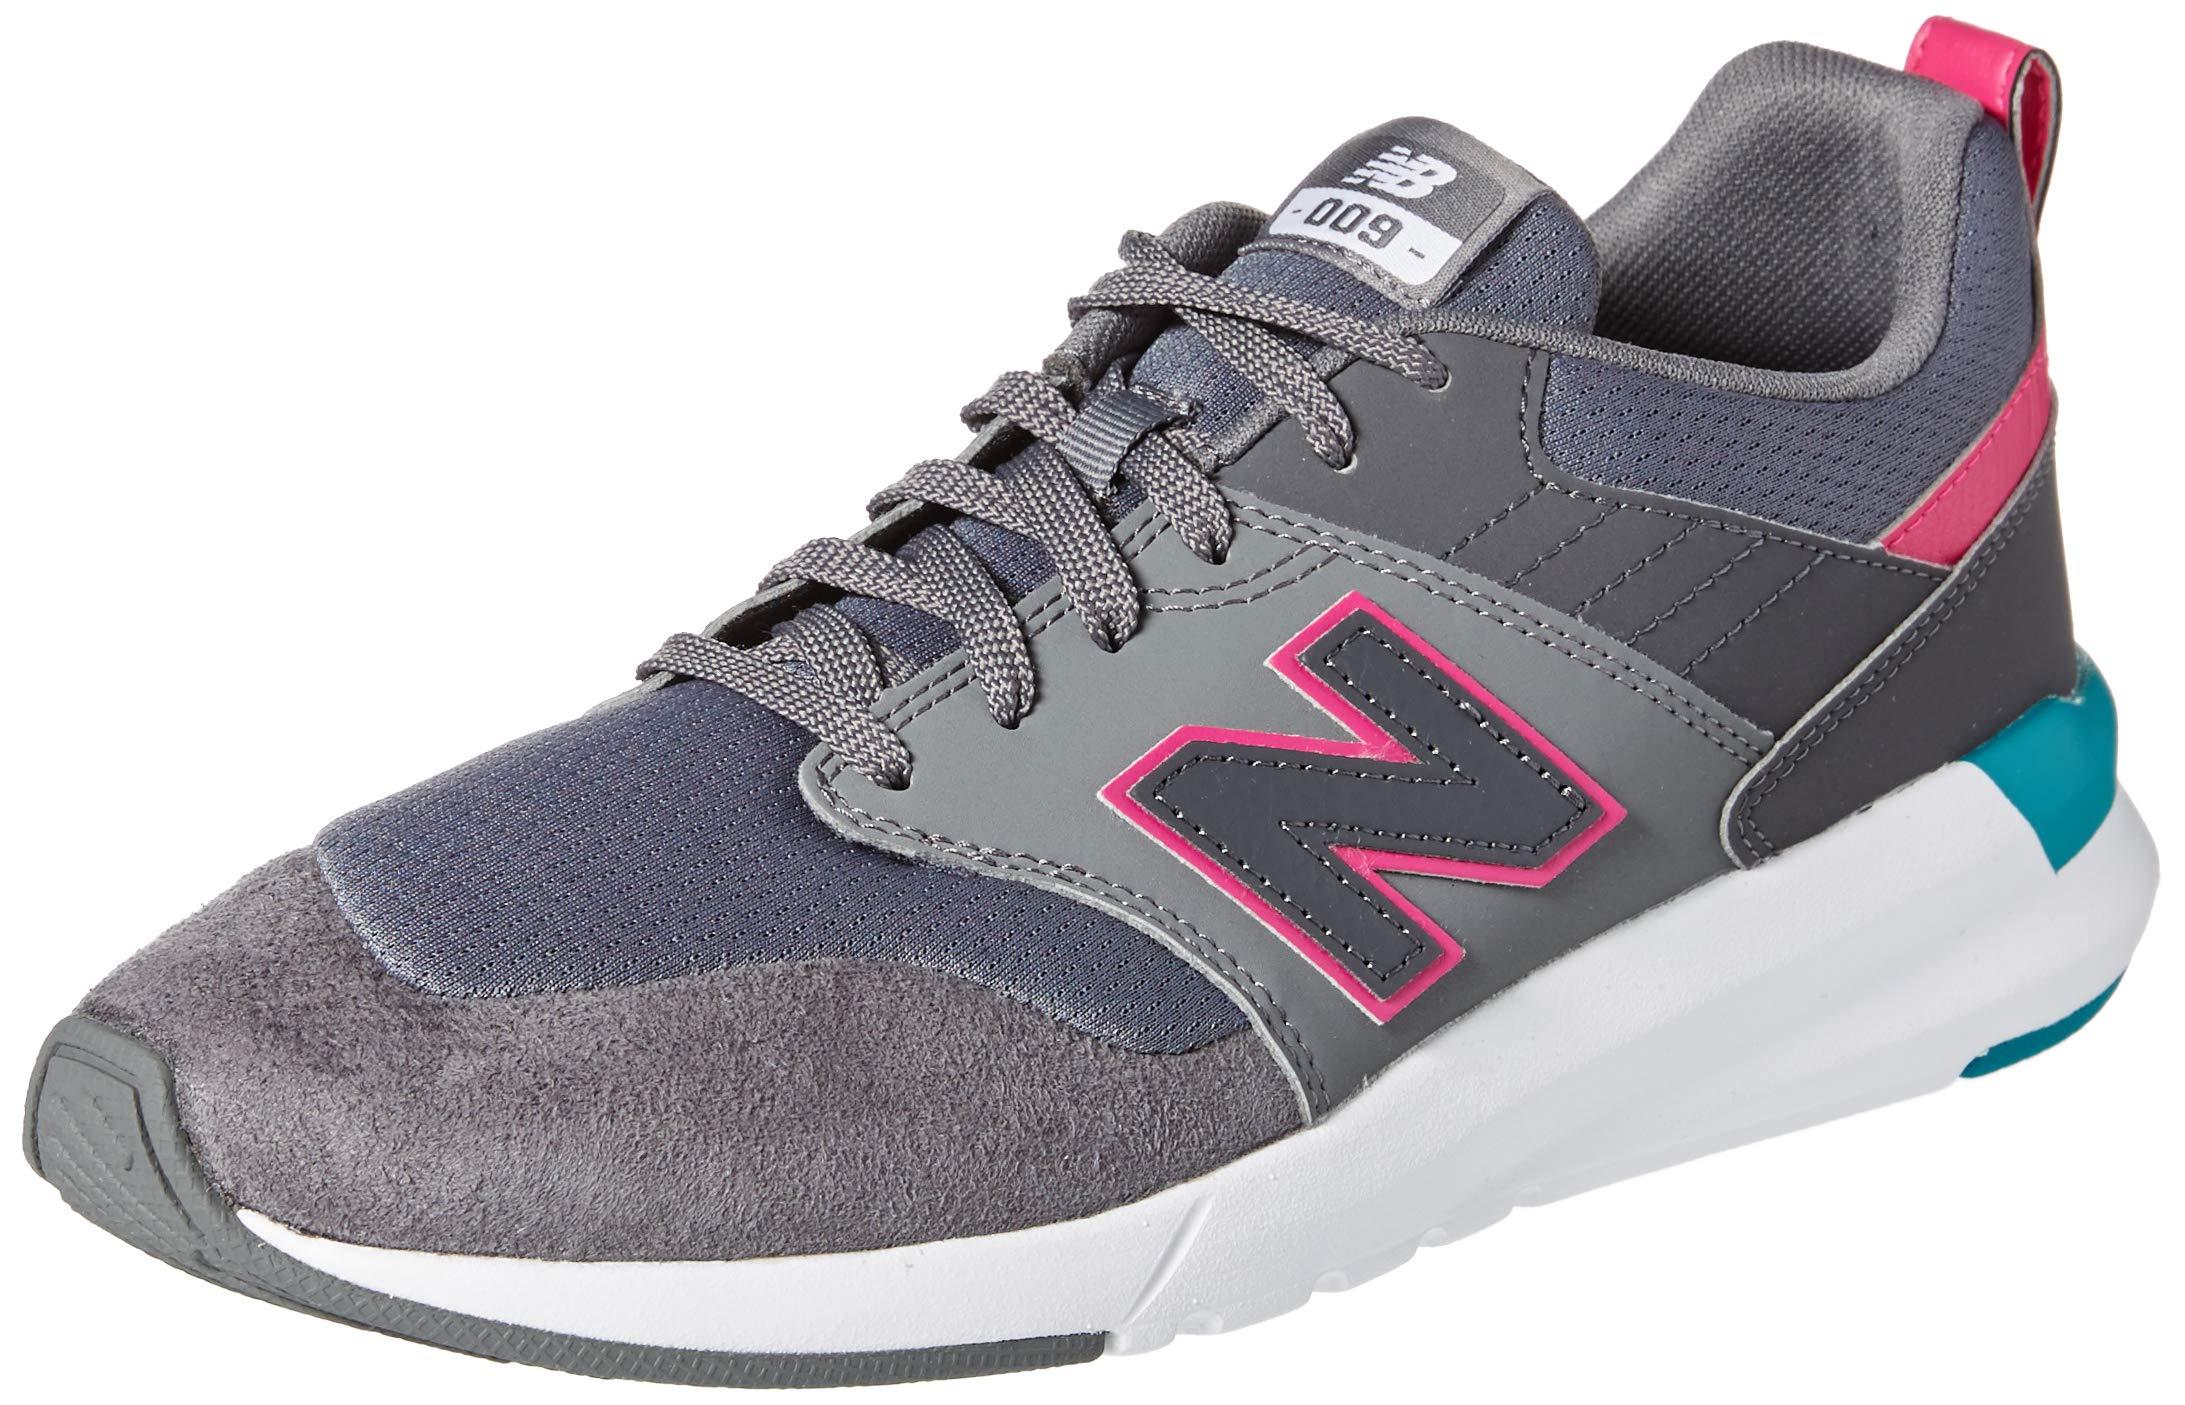 New Balance Women's WS009V1 Sneaker, Castlerock/Magnet, 5.5 M US